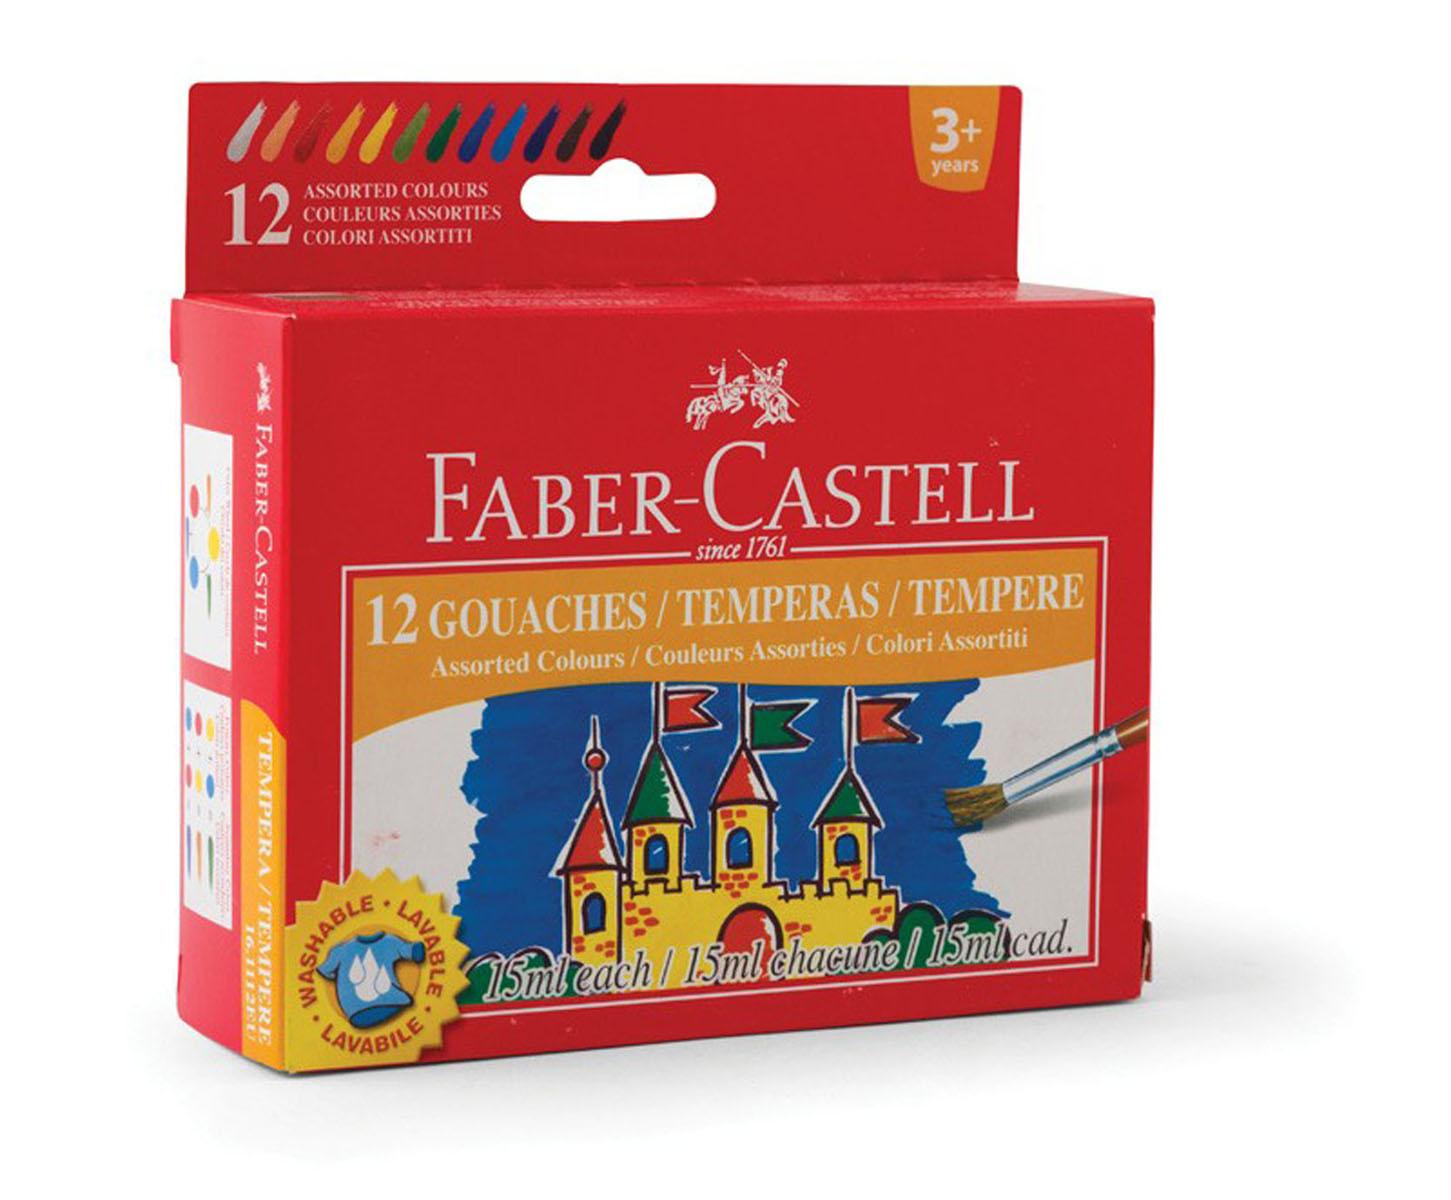 Гуашь Faber-Castell, 12 цветов161112Гуашь Faber-Castell предназначена для декоративно-оформительских работ и творчества детей. В набор входят краски 12 цветов: белый, розовый, красный, оранжевый, желтый, светло-зеленый, зеленый, синий, голубой, фиолетовый, коричневый, черный. Они легко наносятся на бумагу, картон и грунтованный холст. При высыхании приобретают матовую, бархатистую поверхность. Гуашевые краски, имея оптимальную цветовую палитру, обладают оптимальной степенью укрывистости. При высыхании краски можно развести водой. С такими красками ваш малыш сможет раскрыть свой художественный талант и создать свои собственные уникальные шедевры.